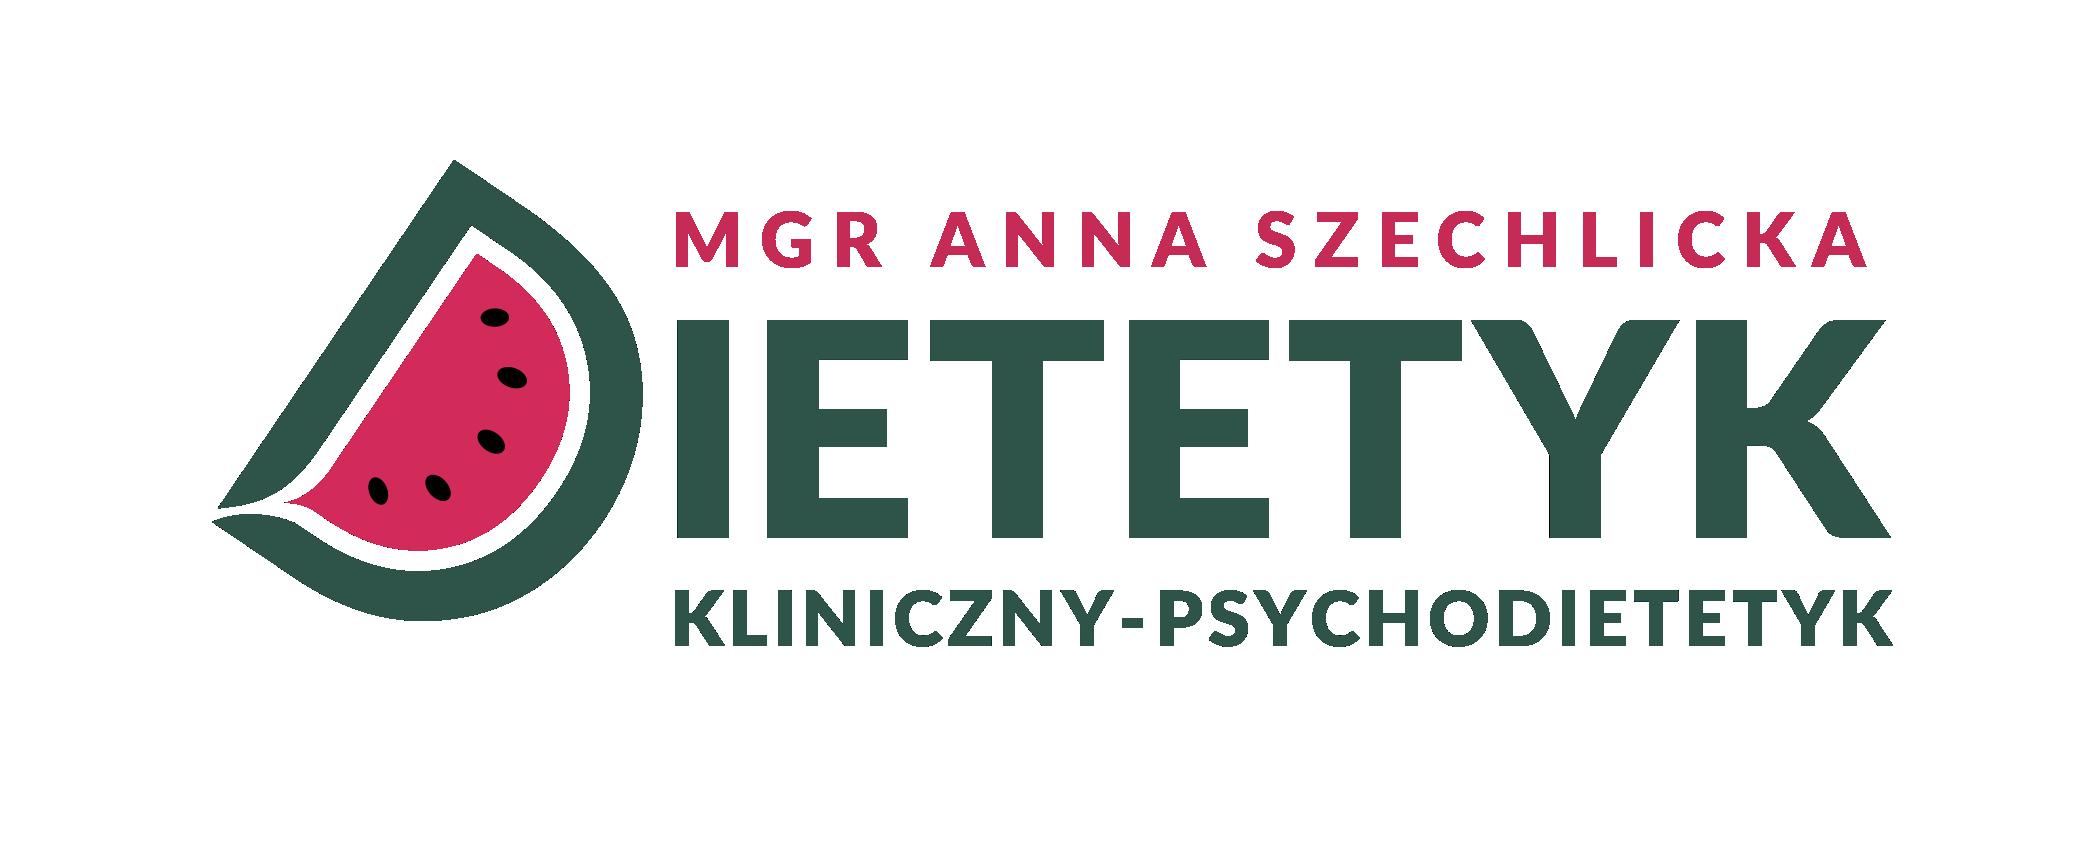 AB Dietetyk